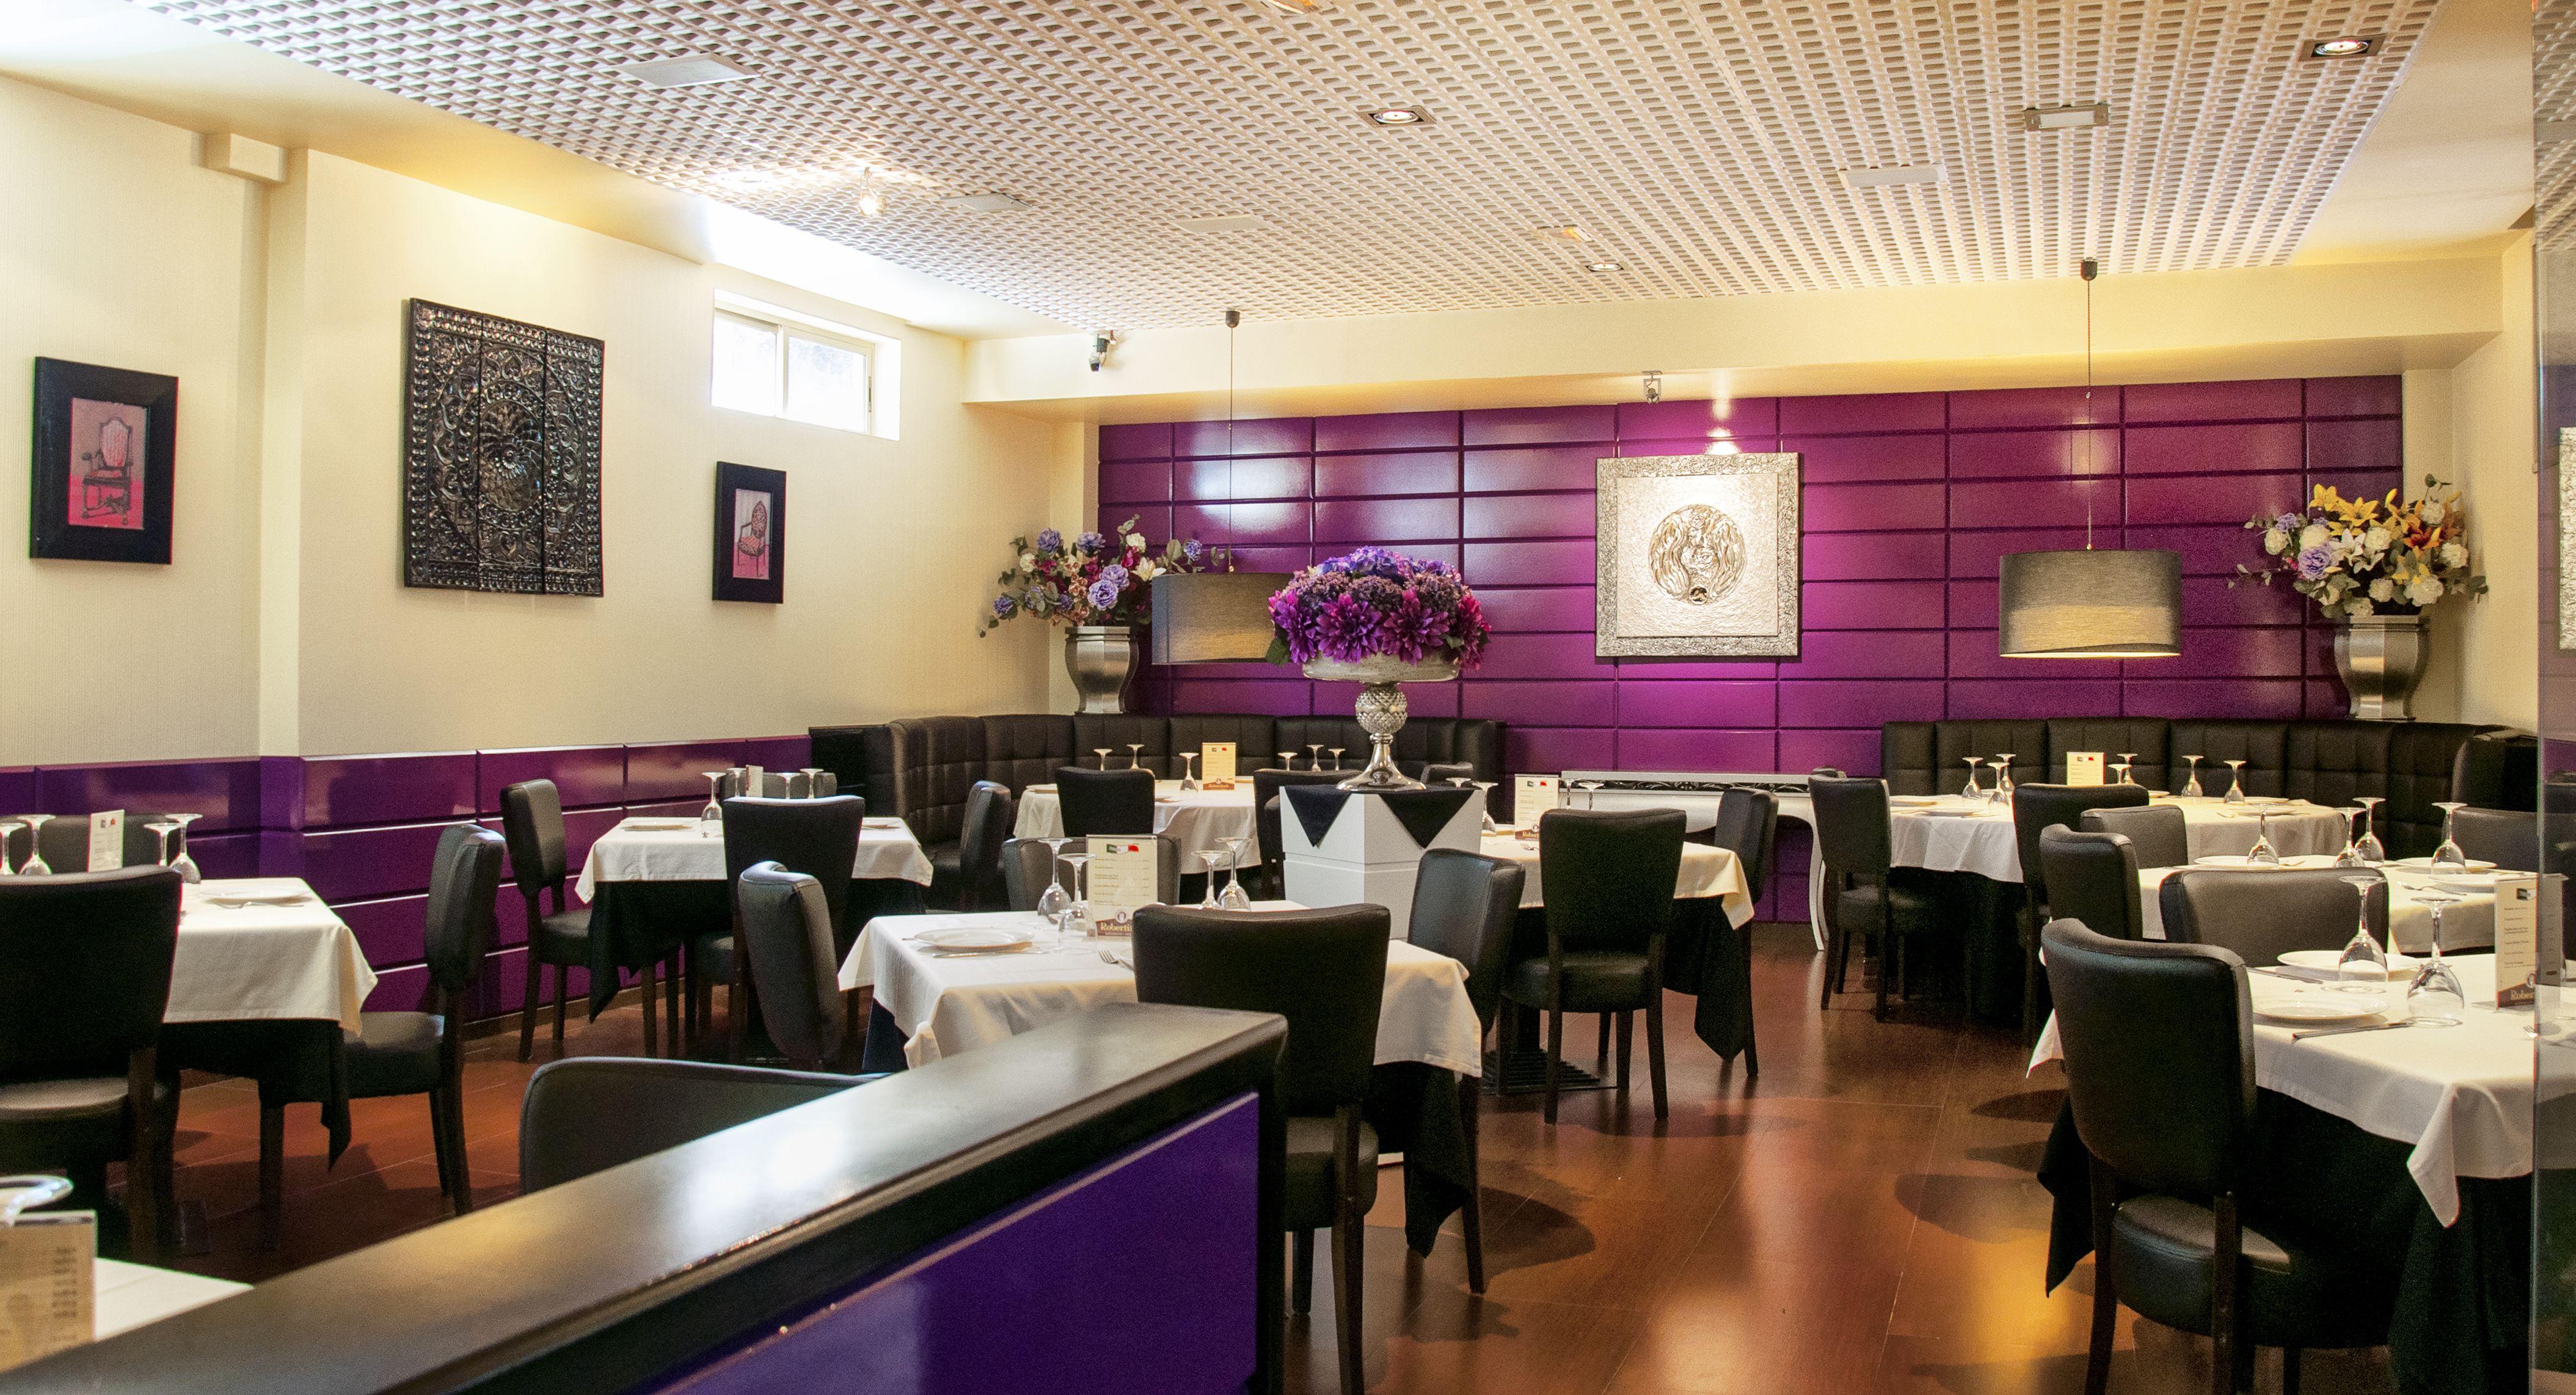 Foto 4 de Restaurante italiano en Collado Villalba | Restaurante Robertinos